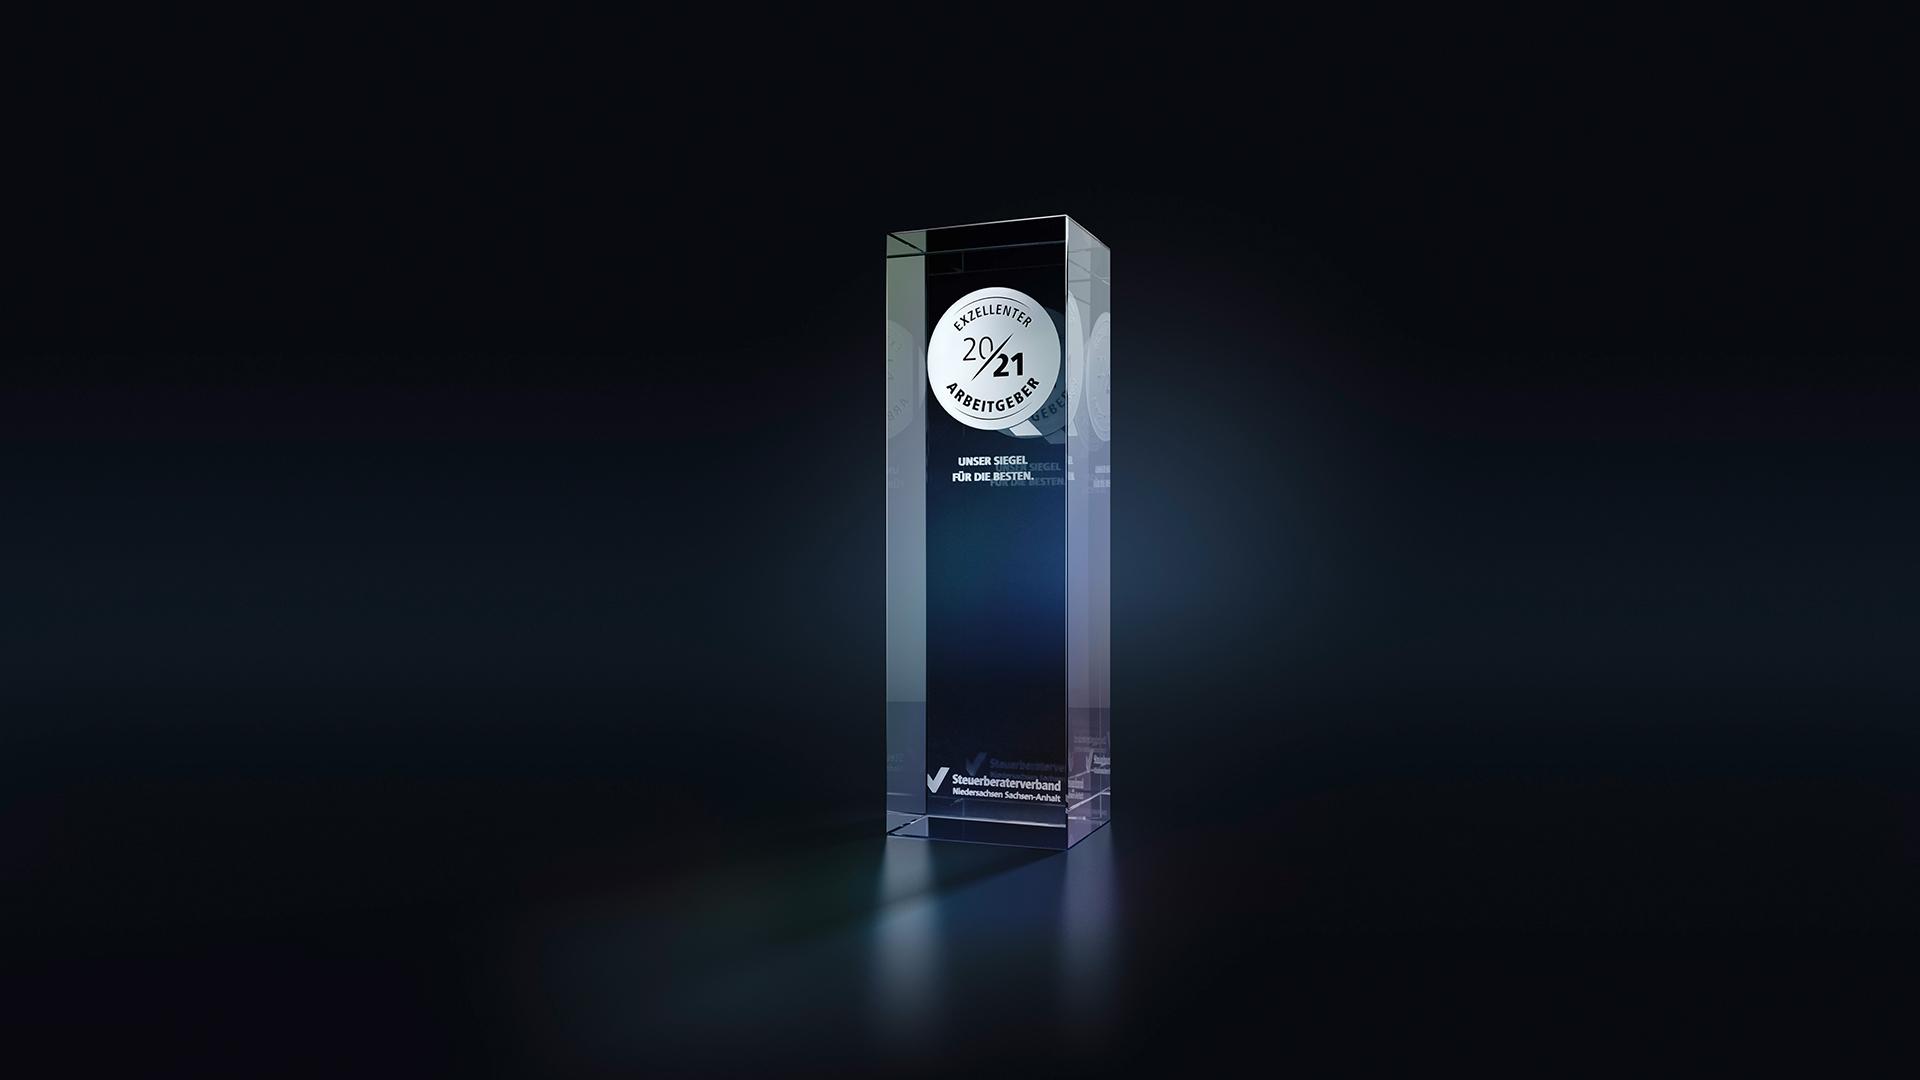 Arbeitgebersiegel_2021_Trophy_1920x1080px